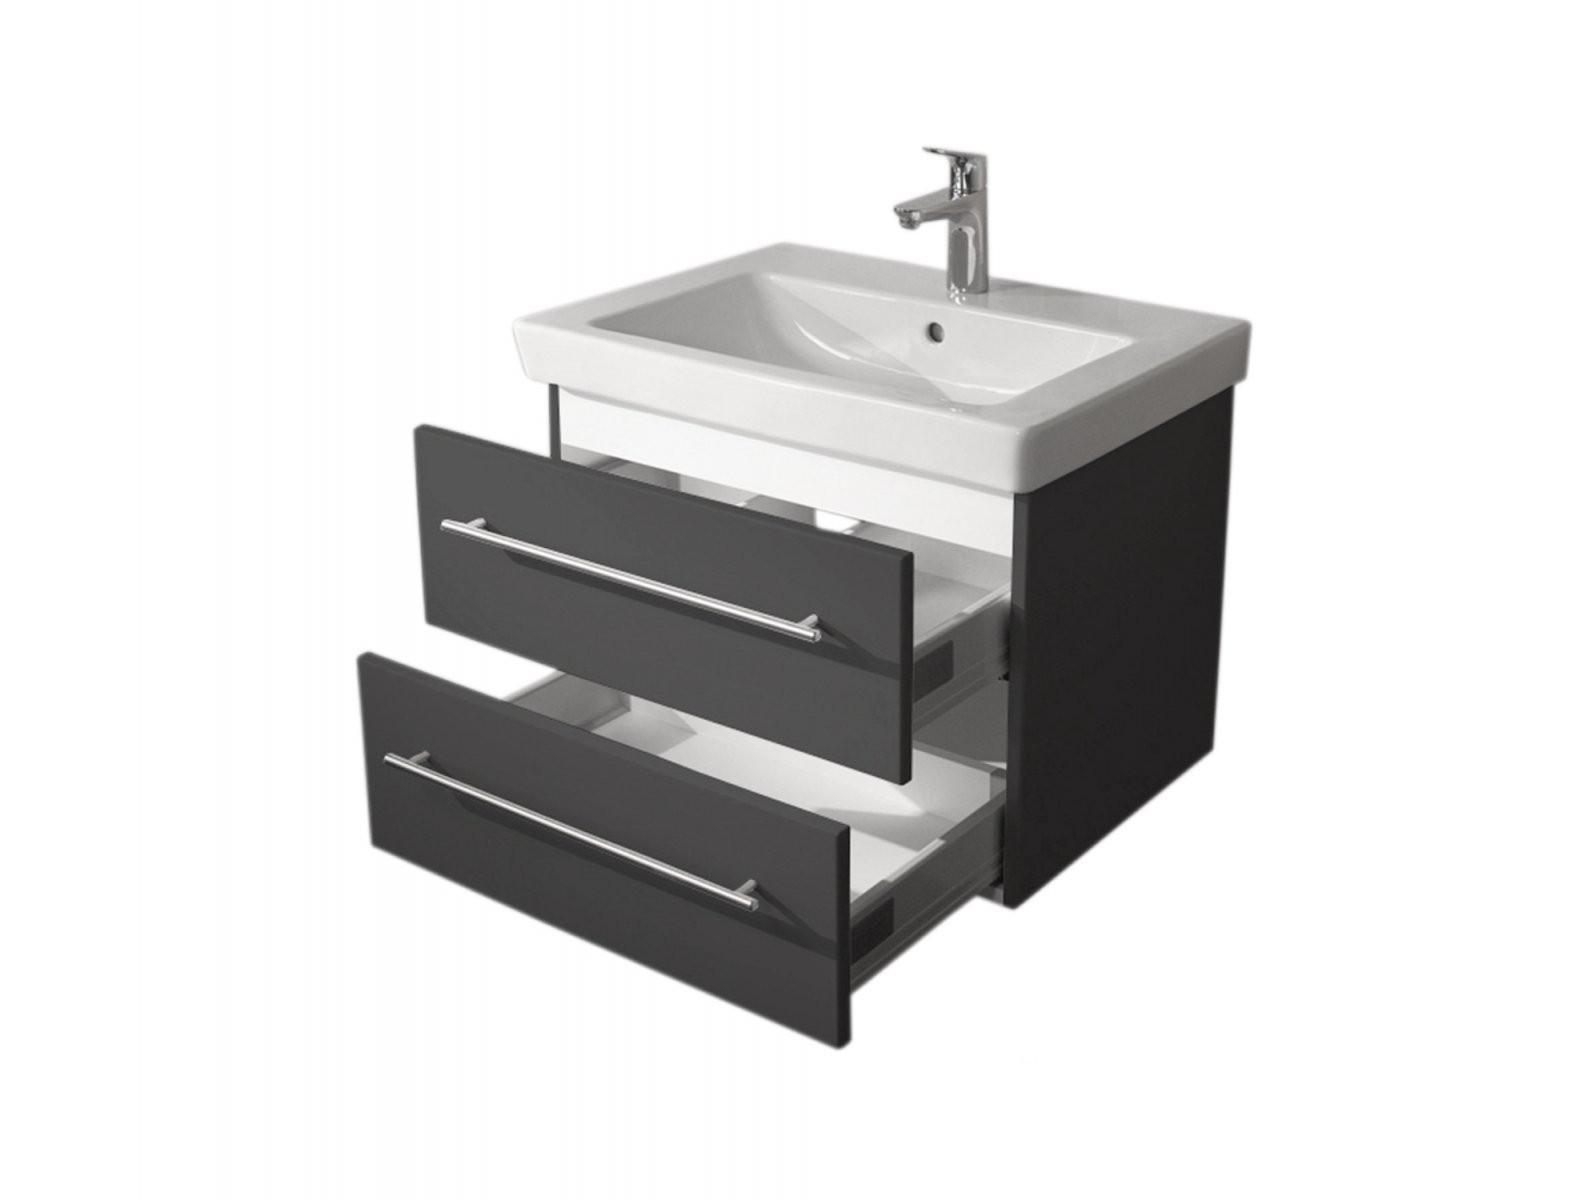 Villeroy  Boch Waschbecken Mit Unterschrank Waschbeckenunterschrank von Villeroy Und Boch Doppelwaschbecken Mit Unterschrank Bild